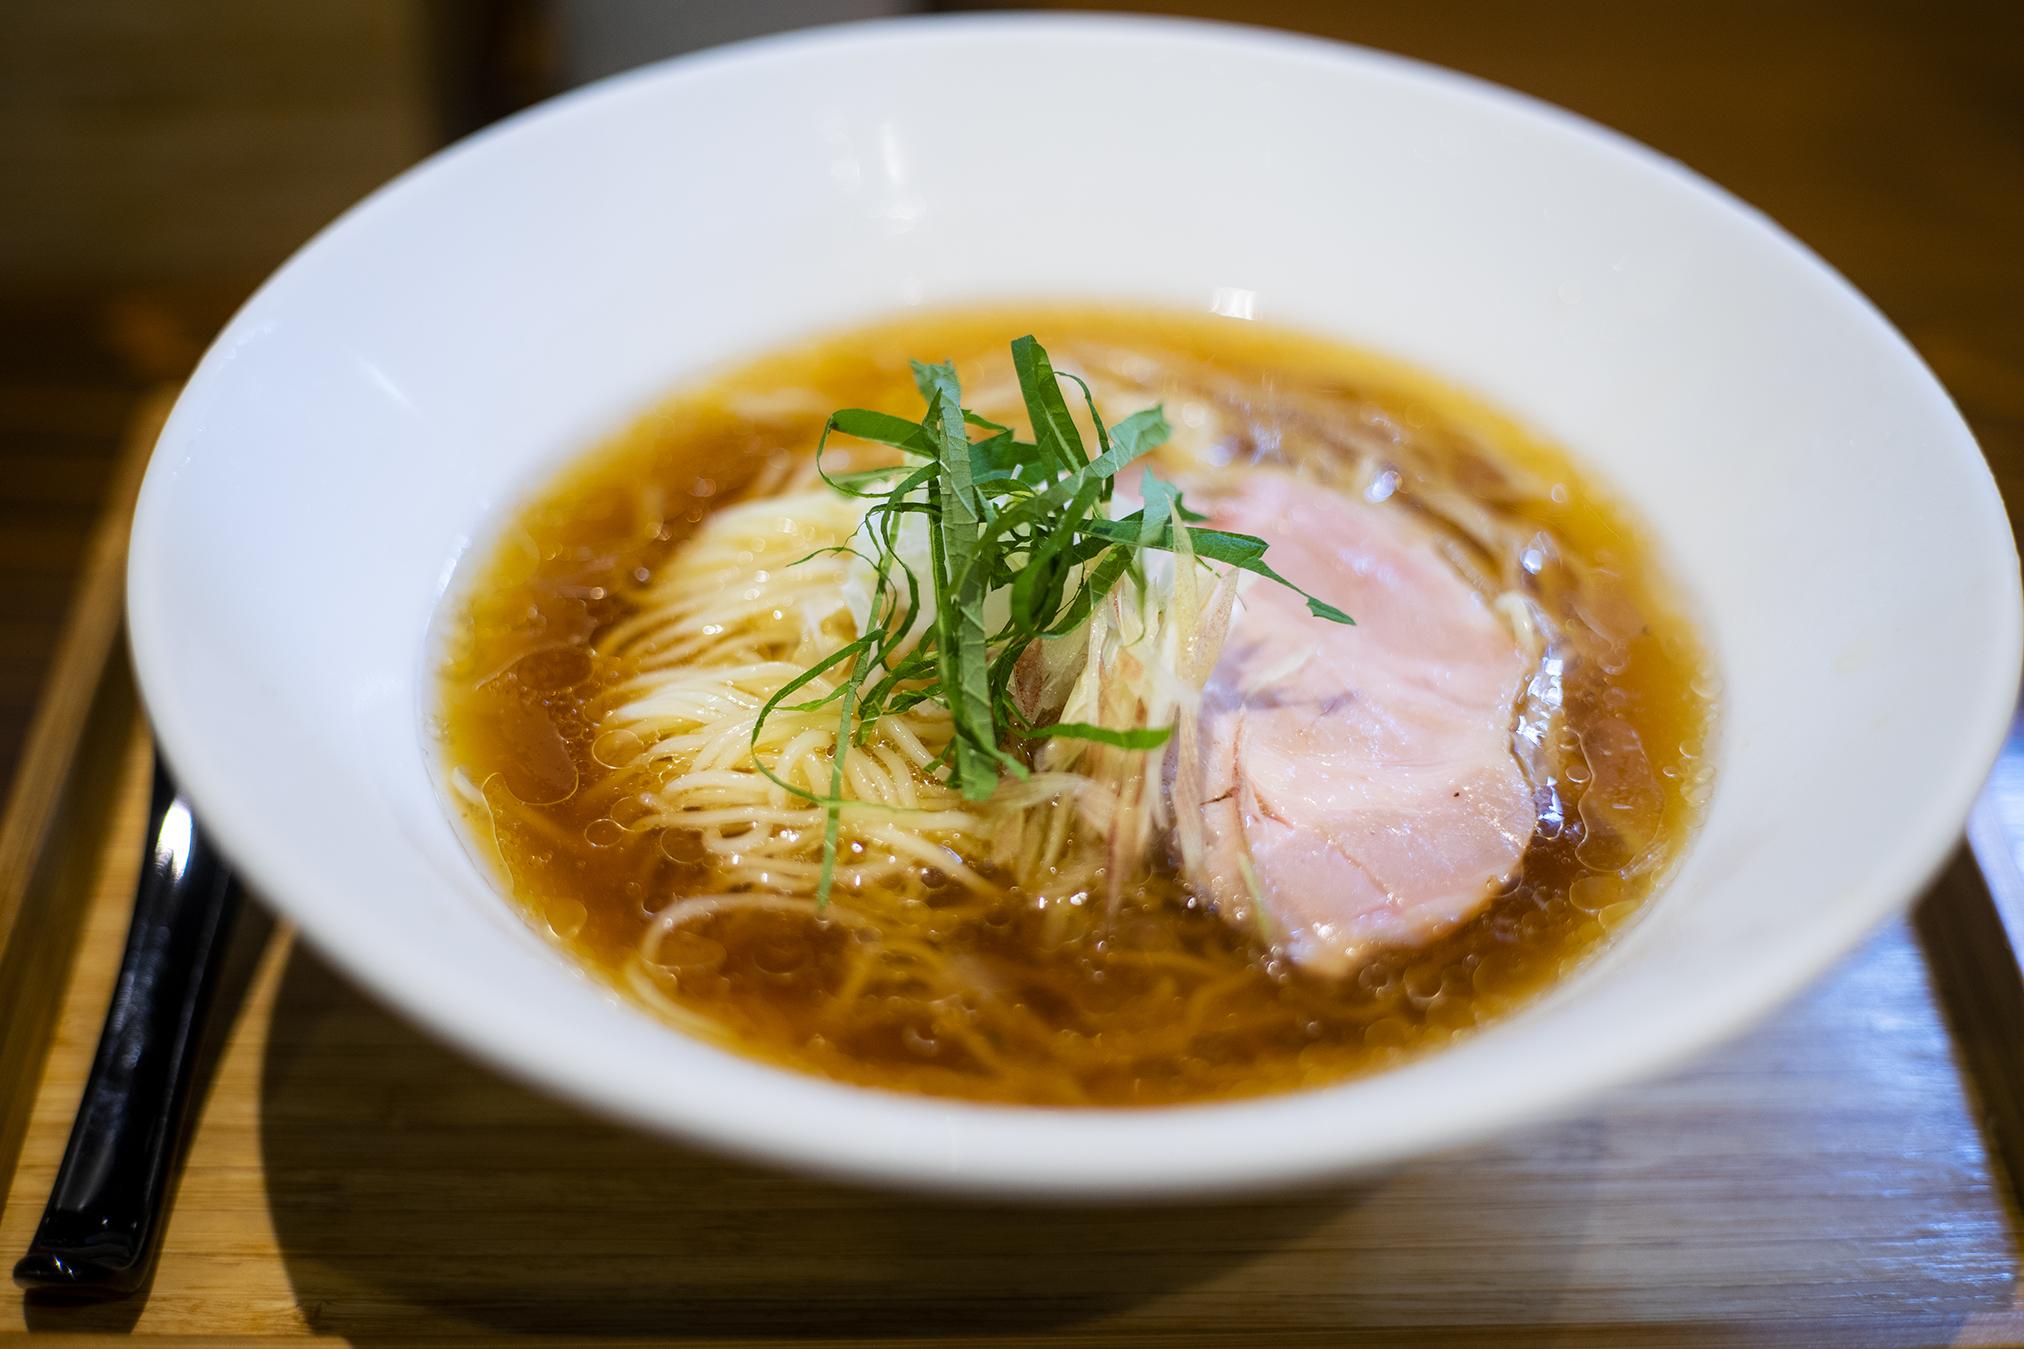 『らぁ麺すずむし』の「中華そば」「冷やしラーメン」は美味しい!